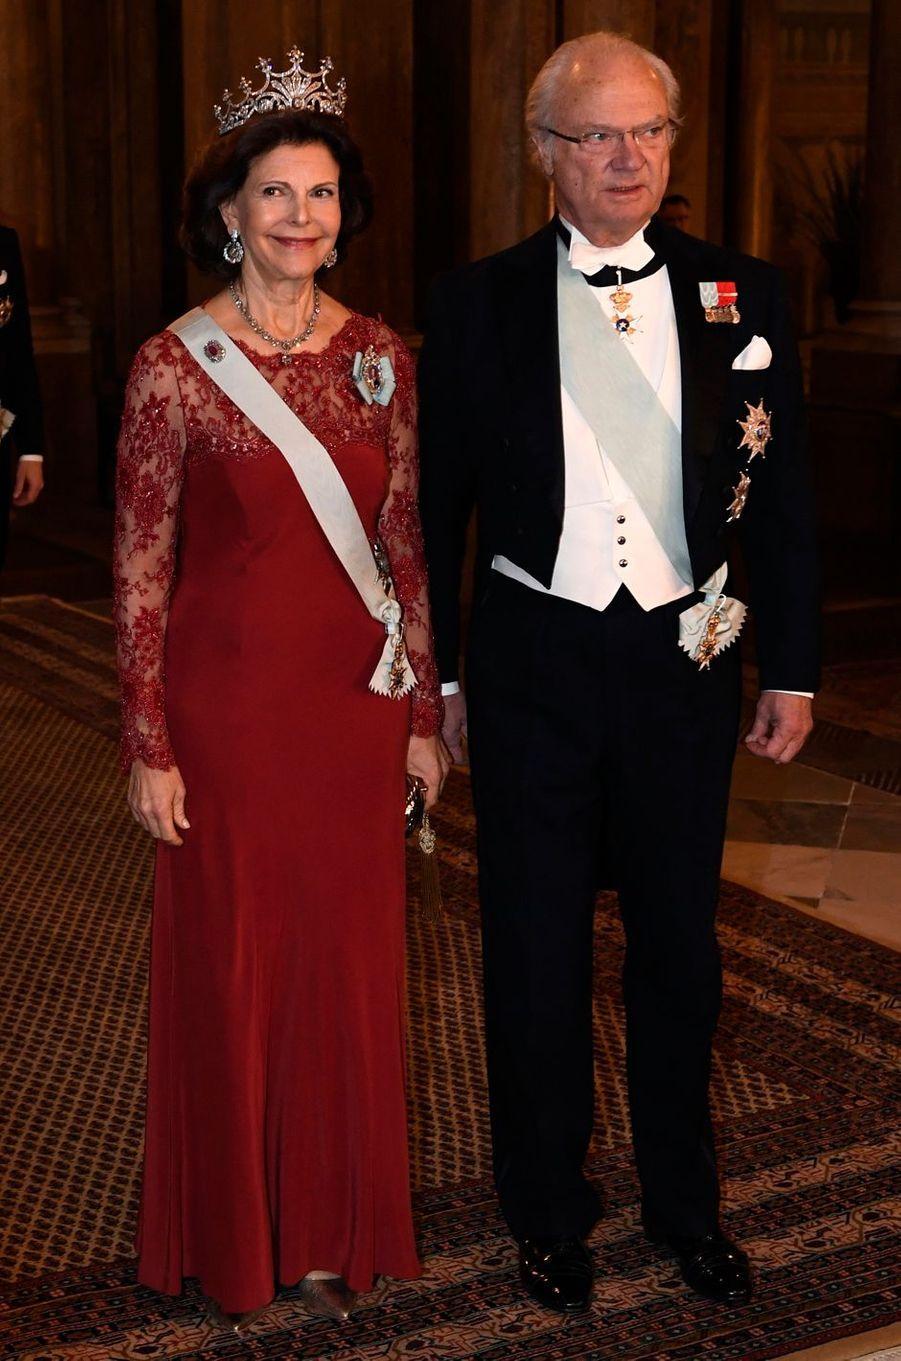 La reine Silvia et le roi Carl XVI Gustaf de Suède à Stockholm, le 11 décembre 2016